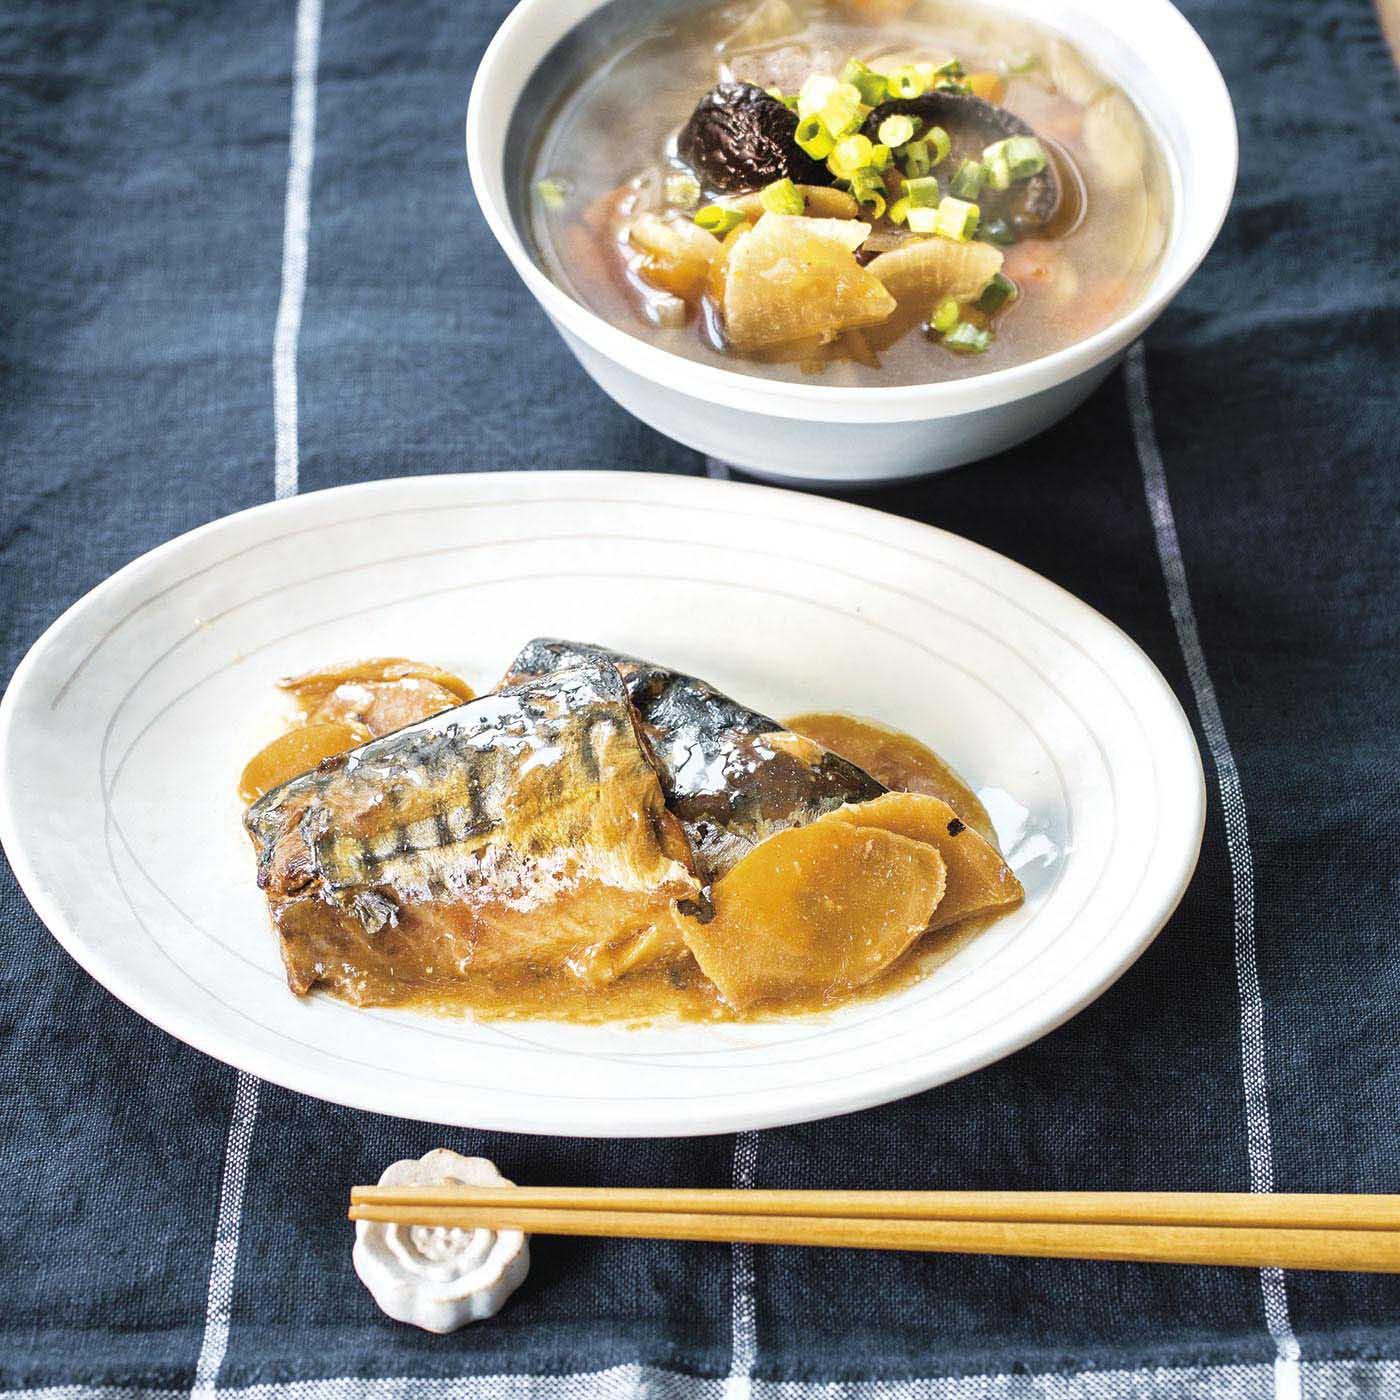 こんにゃく、しいたけ、にんじんの大きな具材に満足感いっぱいの「けんちん汁」。梅酢と生姜でさっぱり仕上げた「サバ味噌煮」は、ほっとする家庭の味です。